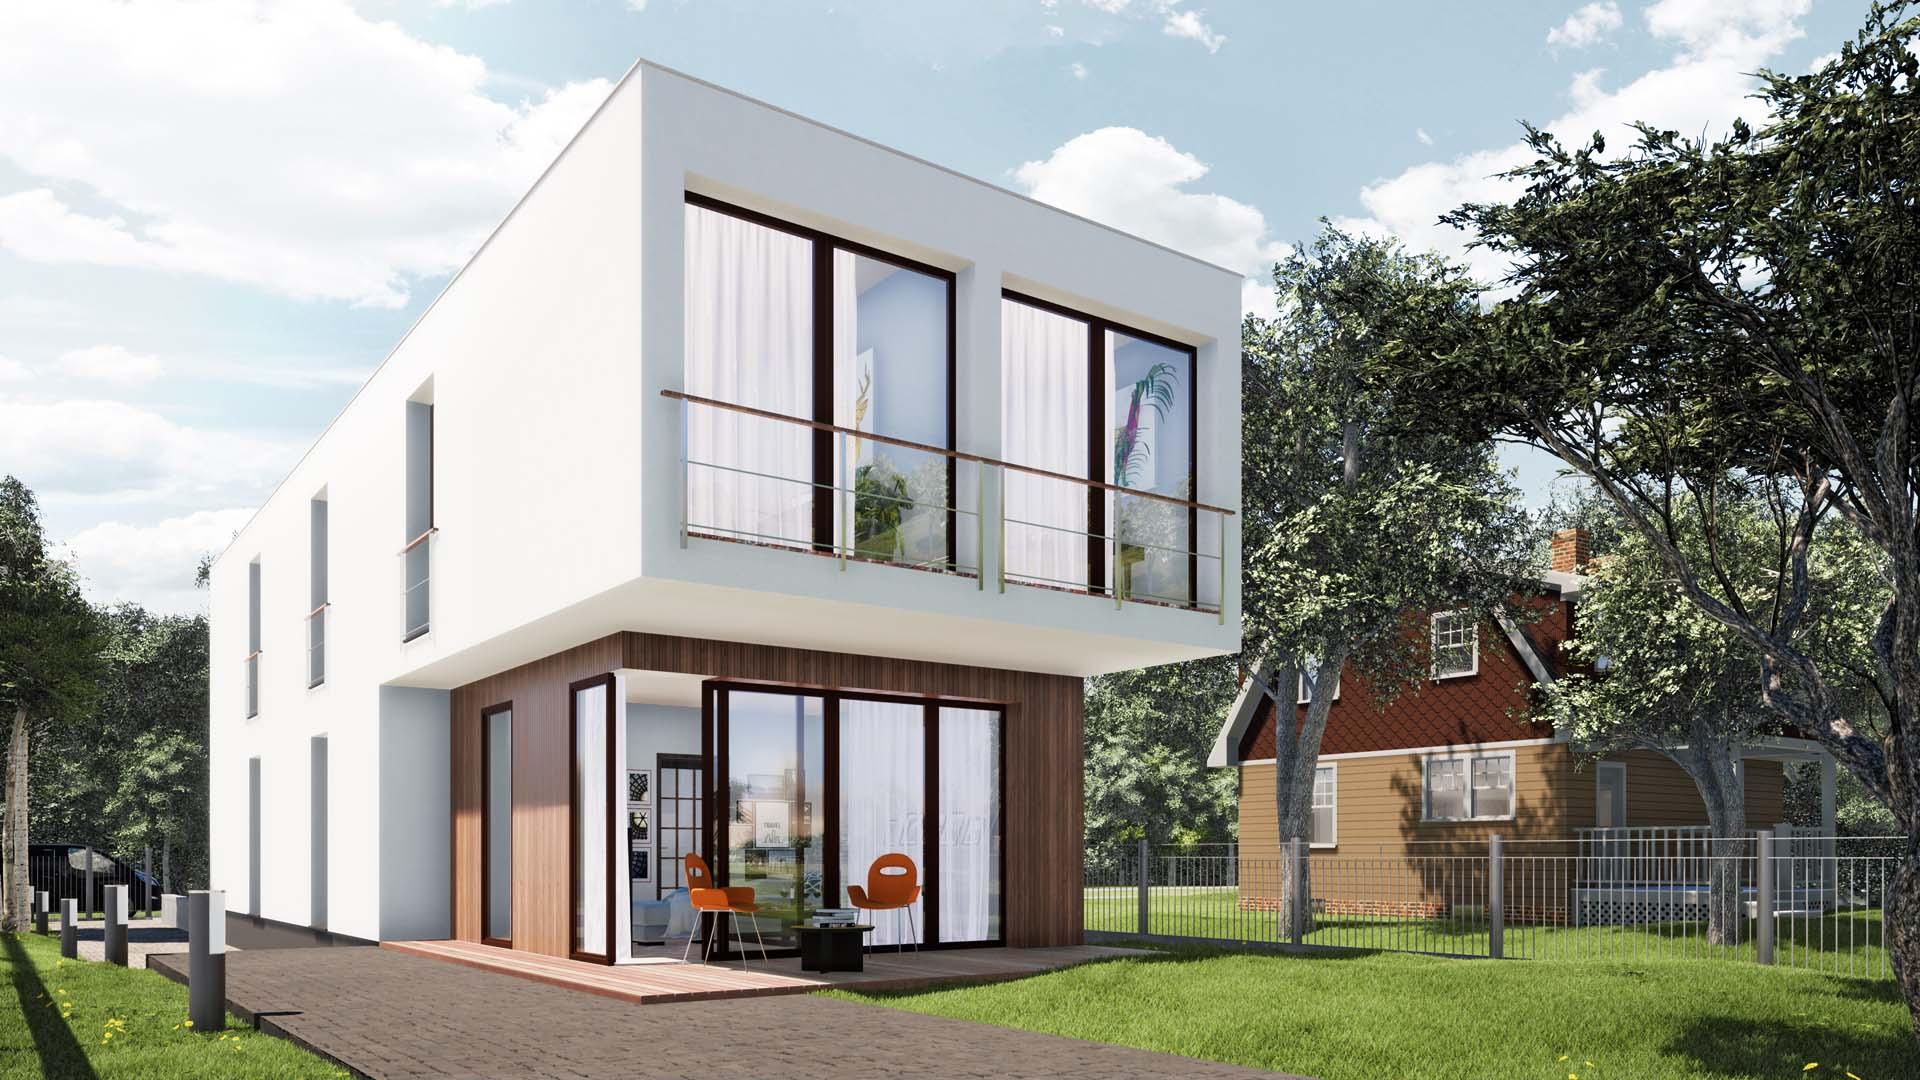 dom jednorodzinny Myszków śląsk projekt budowlany